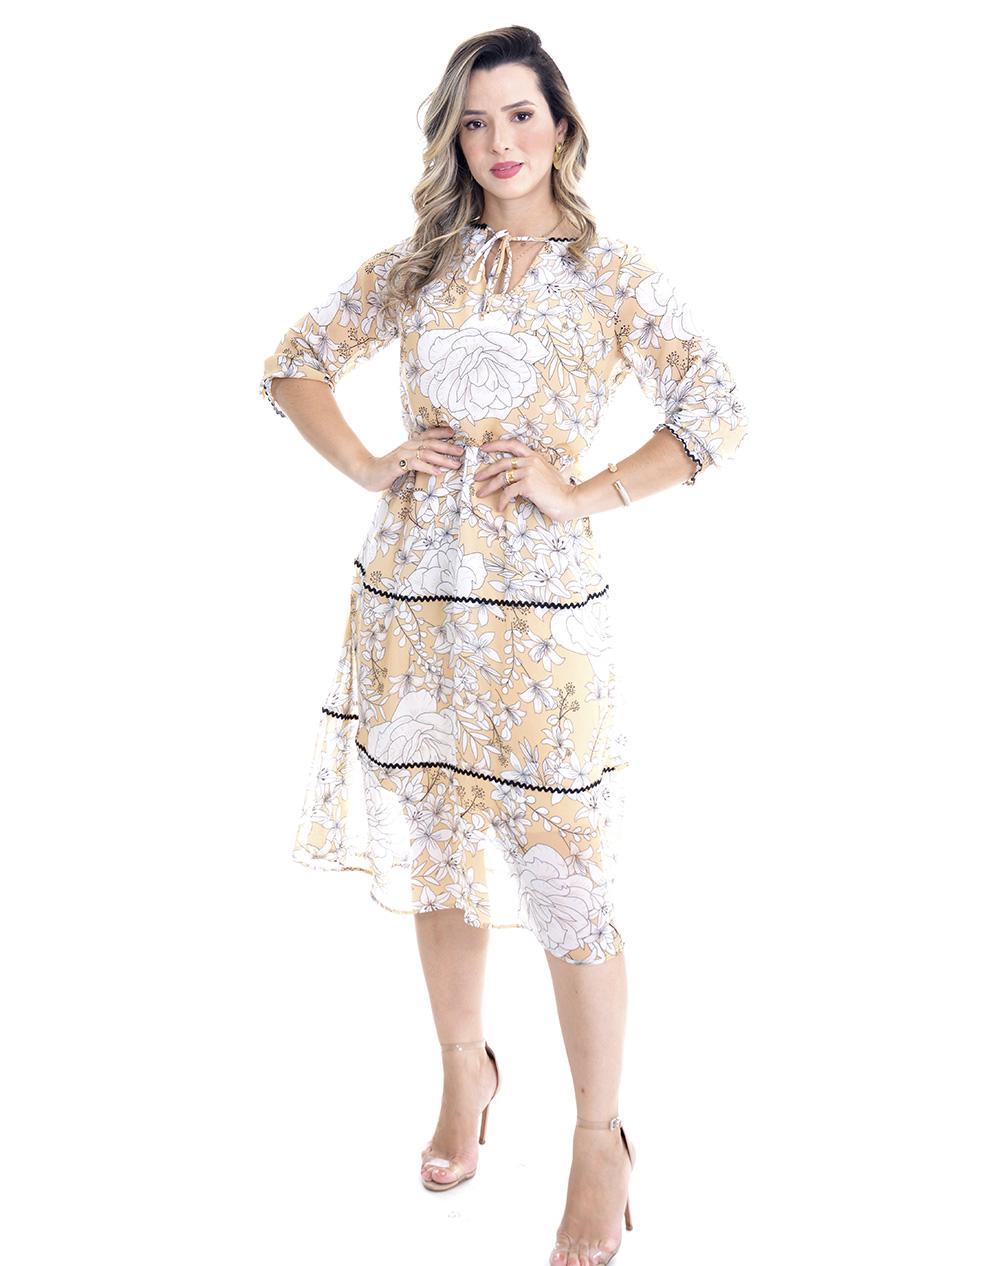 Vestido em crepe floral, modelagem midi